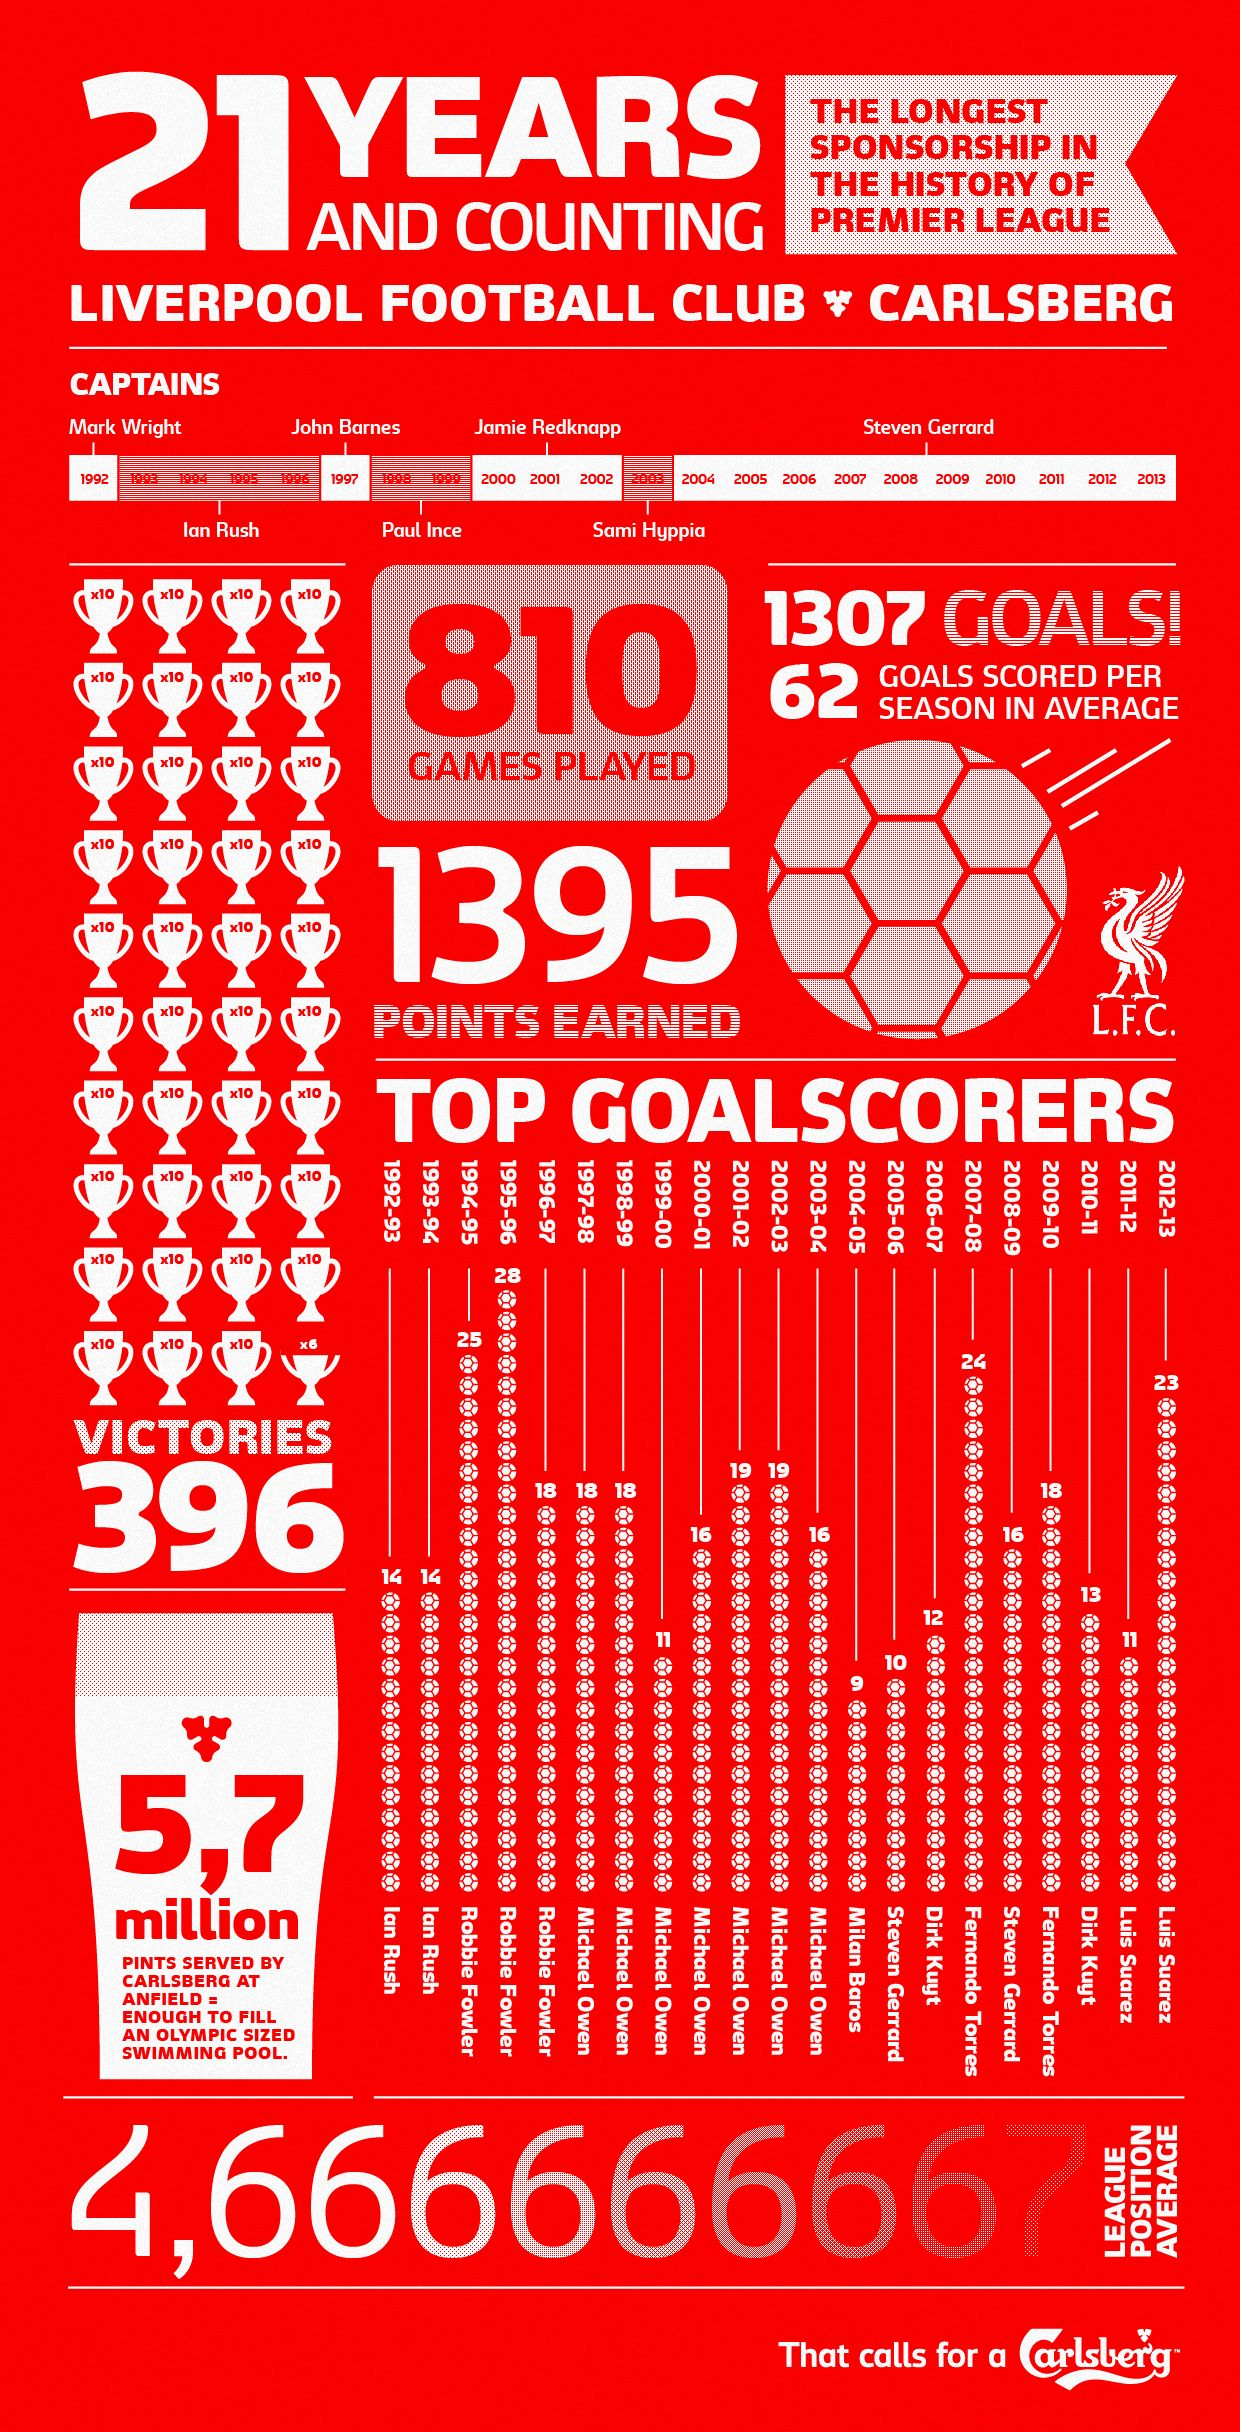 Liverpool Football Club And Carlsberg Toast 21 Year Partnership Liverpool Football Club Liverpool Liverpool Football